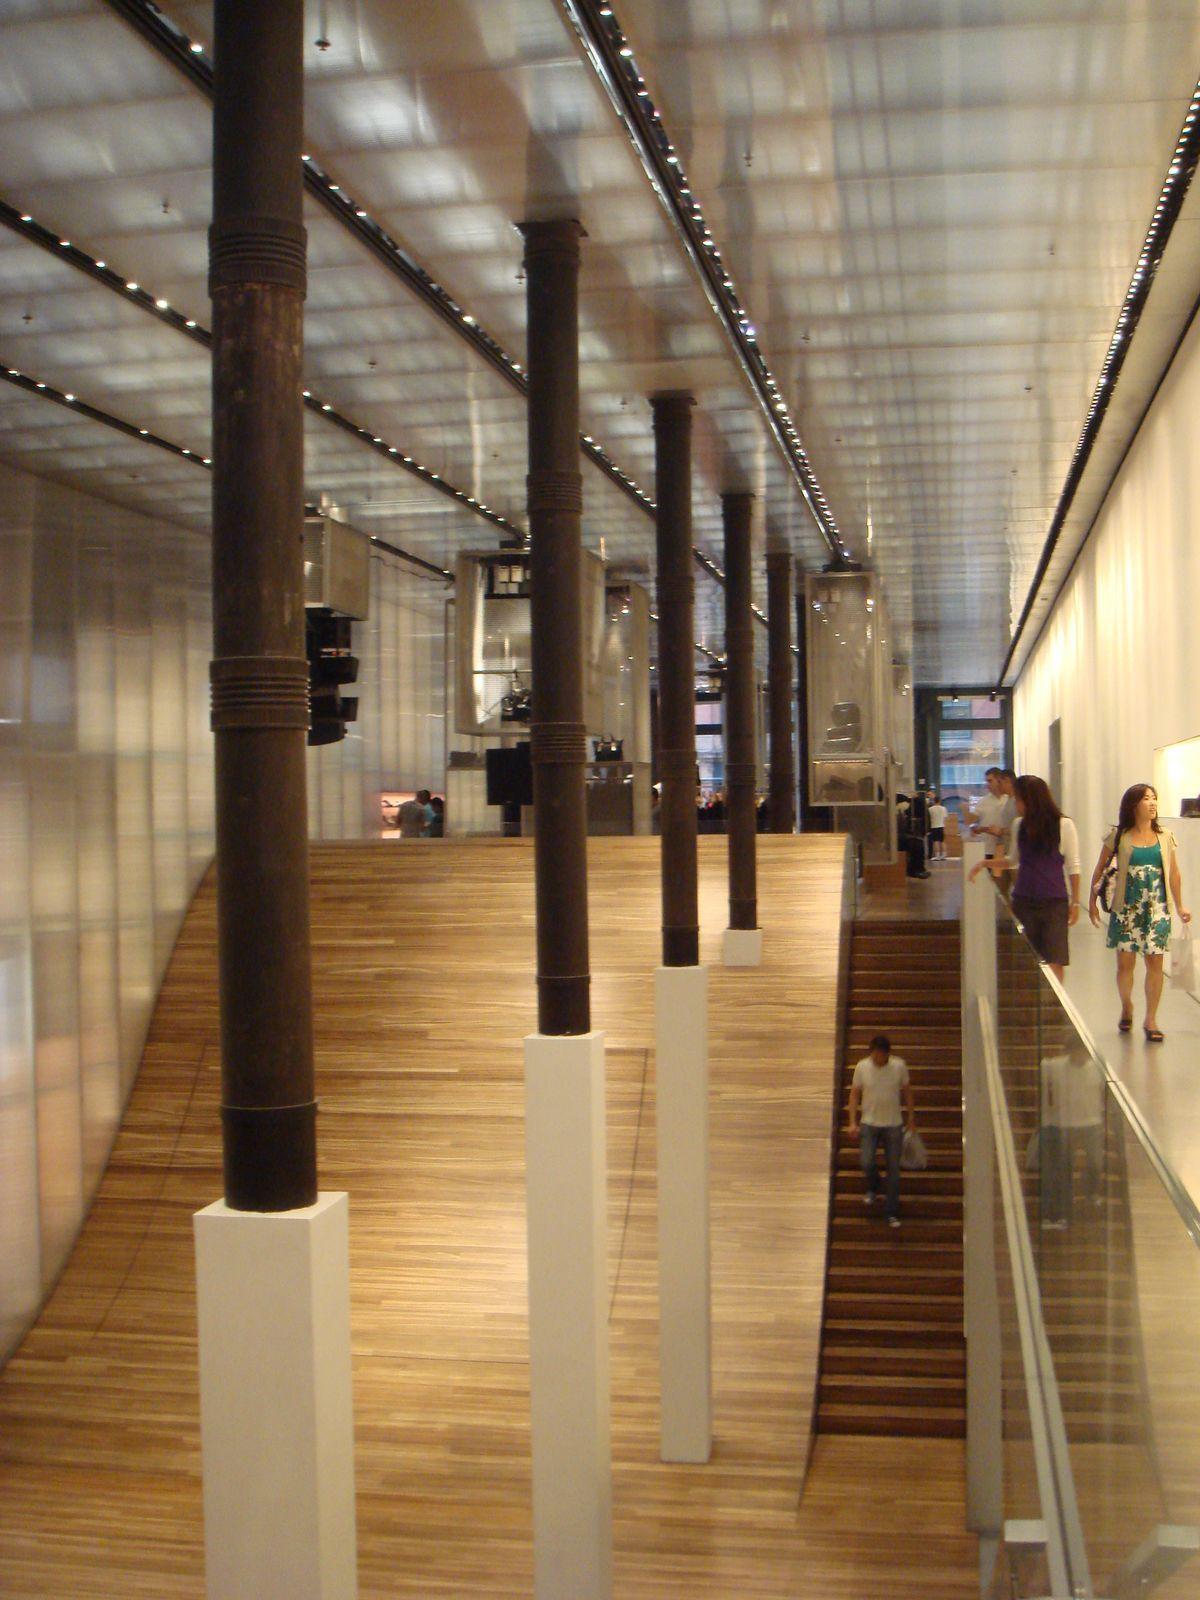 3adf908434f0 Prada - Rem Koolhaas